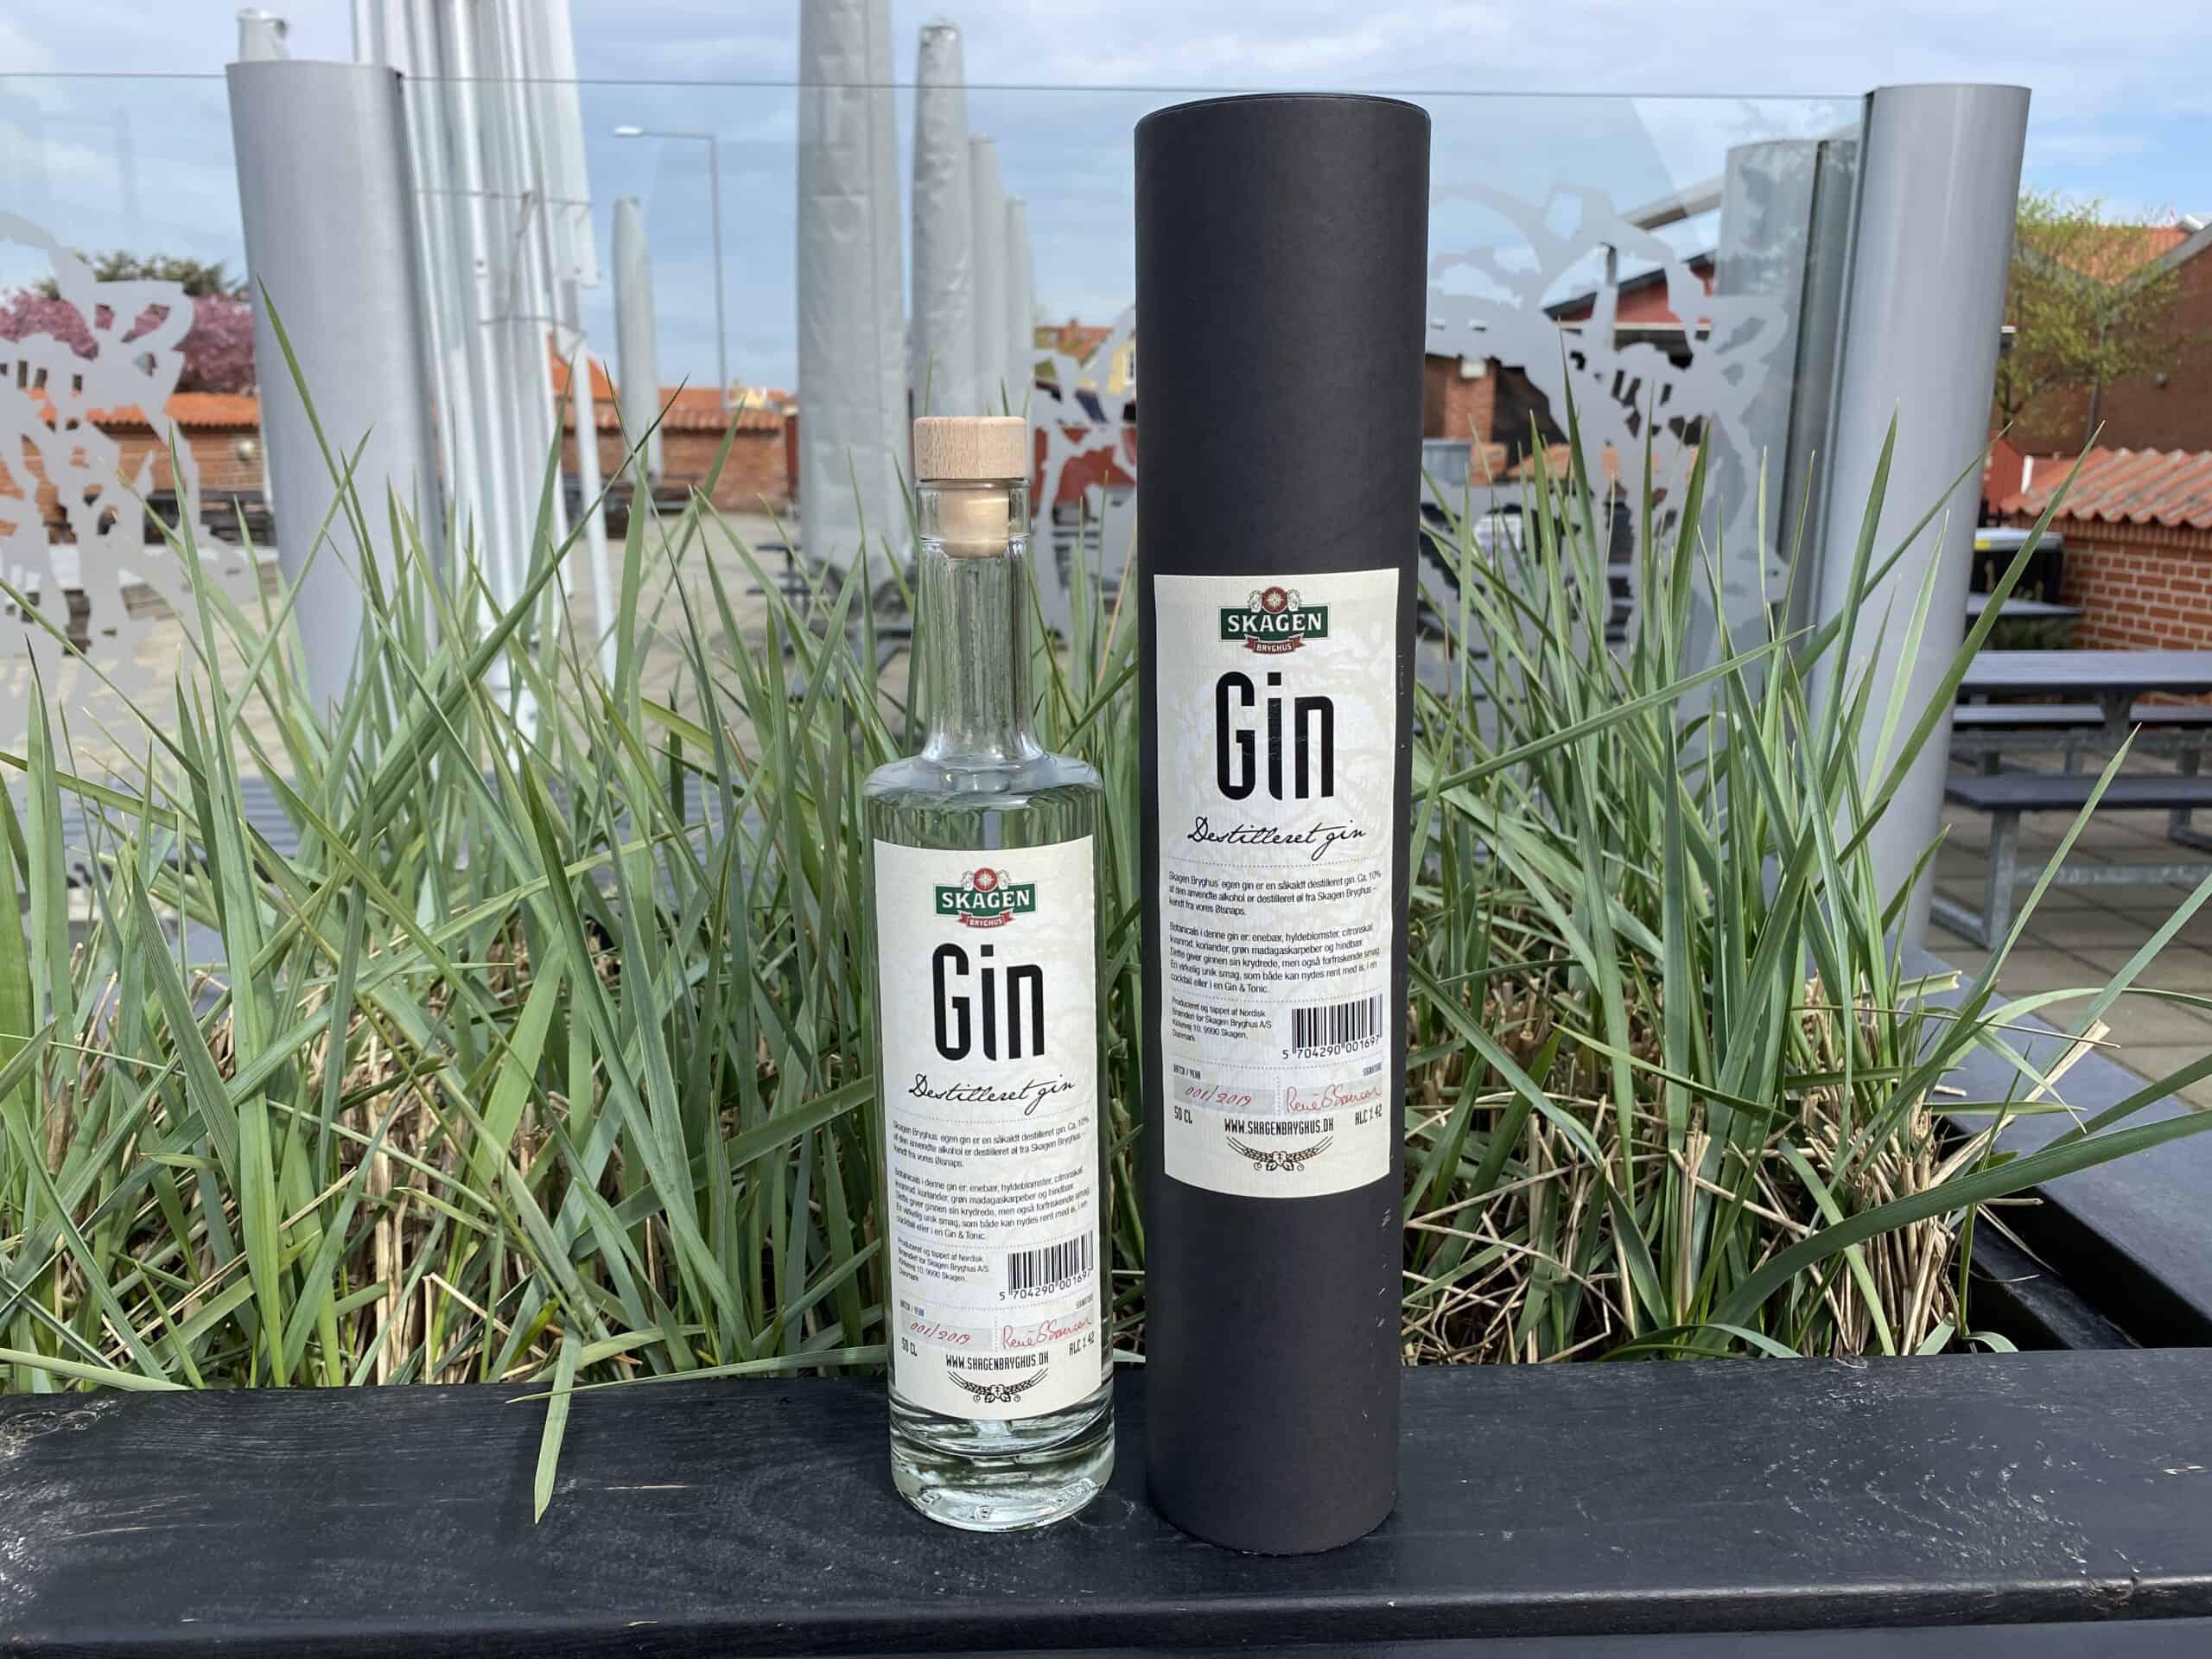 Skagen Bryghus Gin (Aktionærtilbud)